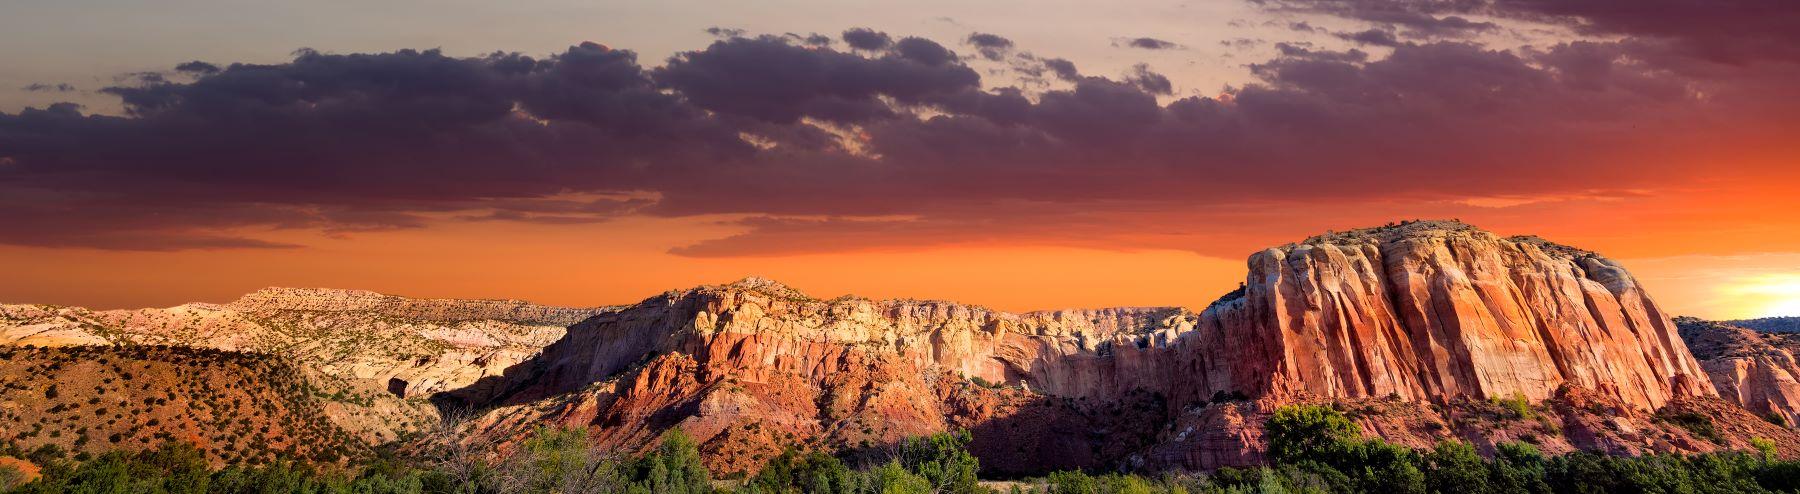 Ghost Ranch near Santa Fe, New Mexico